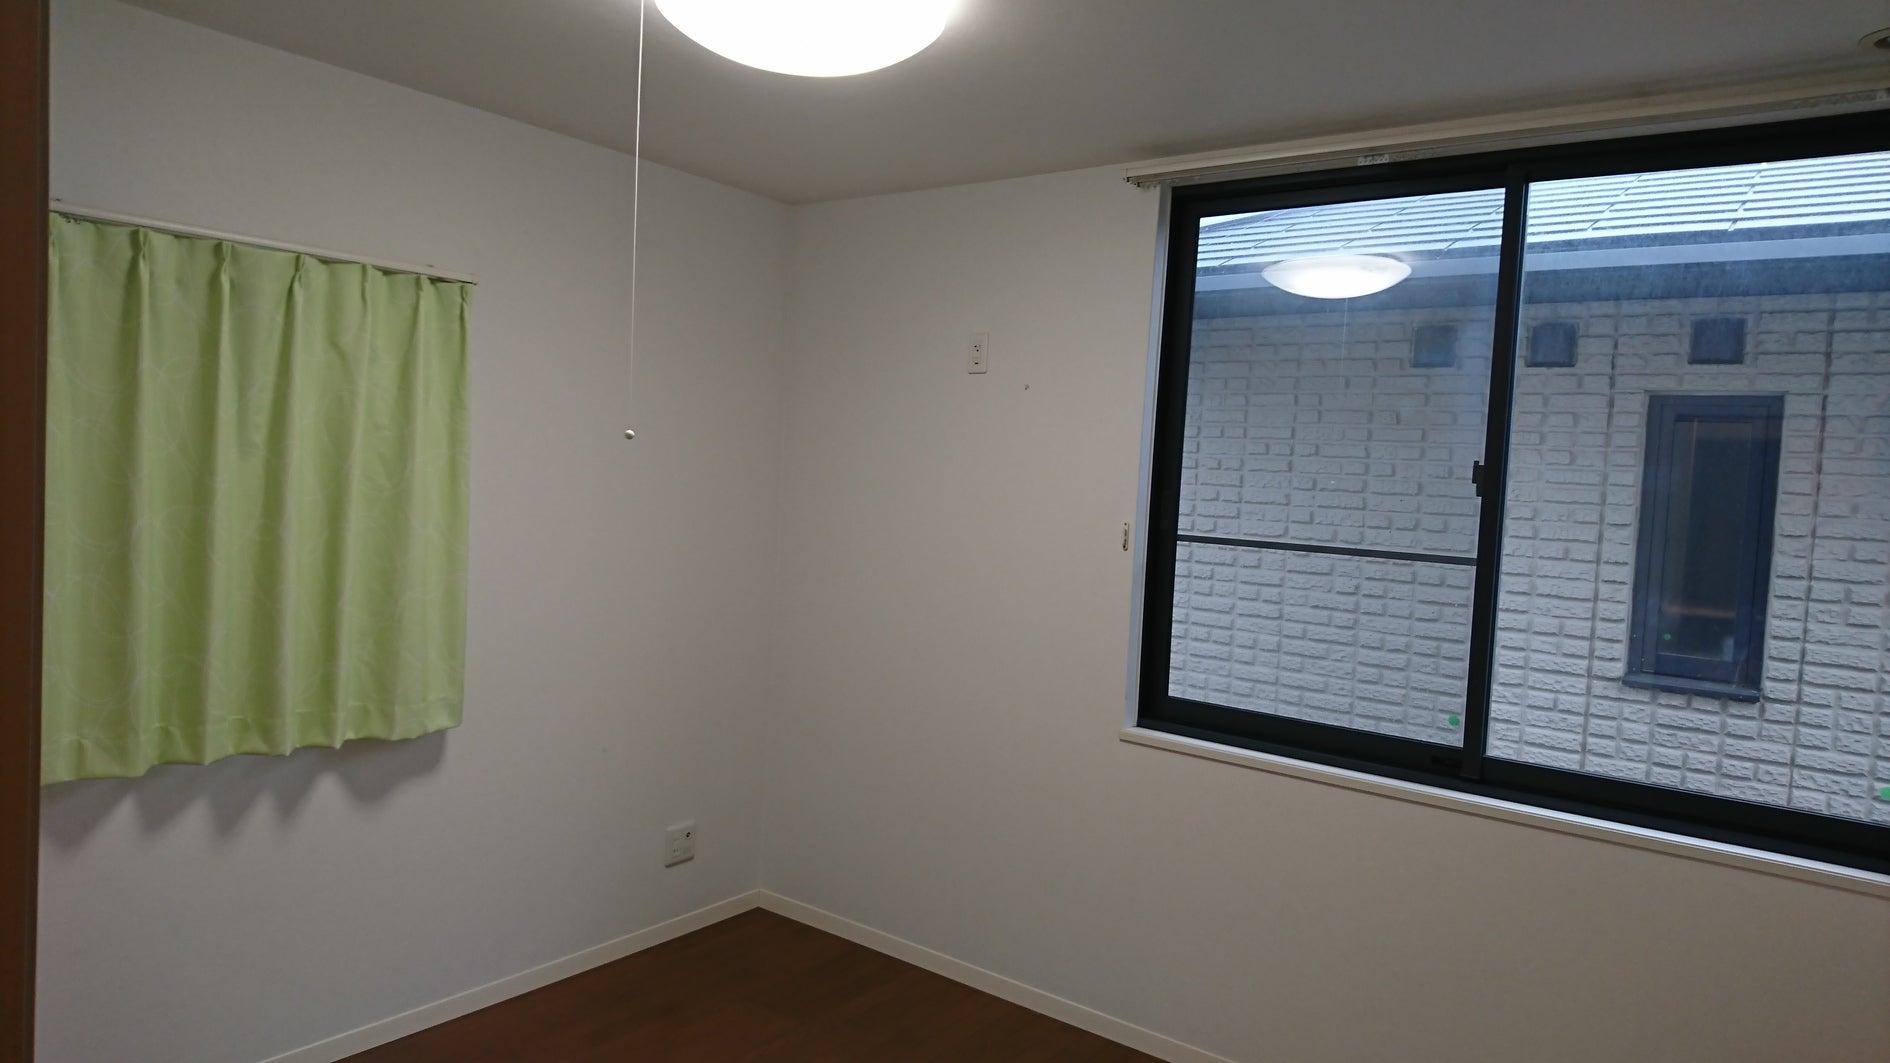 空き部屋(洋室)/演奏の個人練習、合唱、作業スペースなどに!